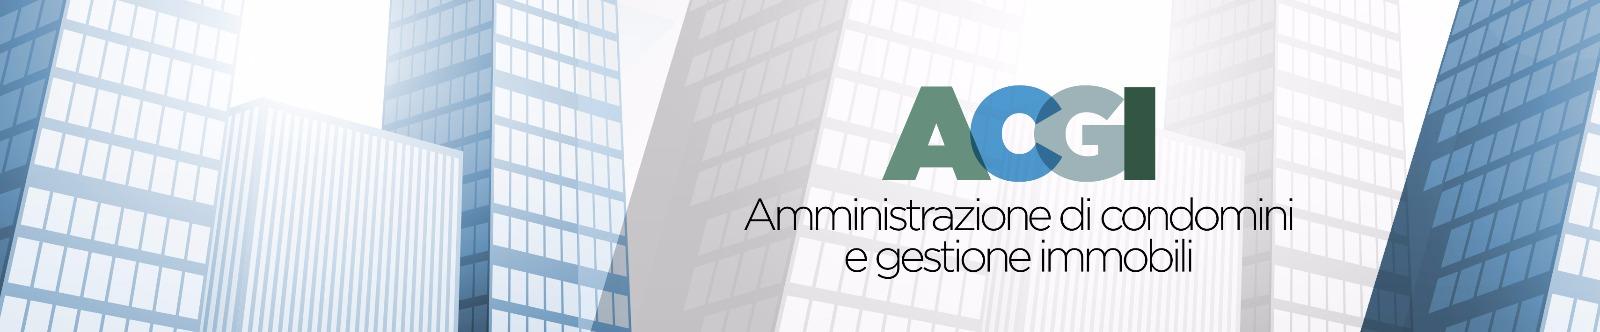 Ammistrazione Condomini L'Aquila